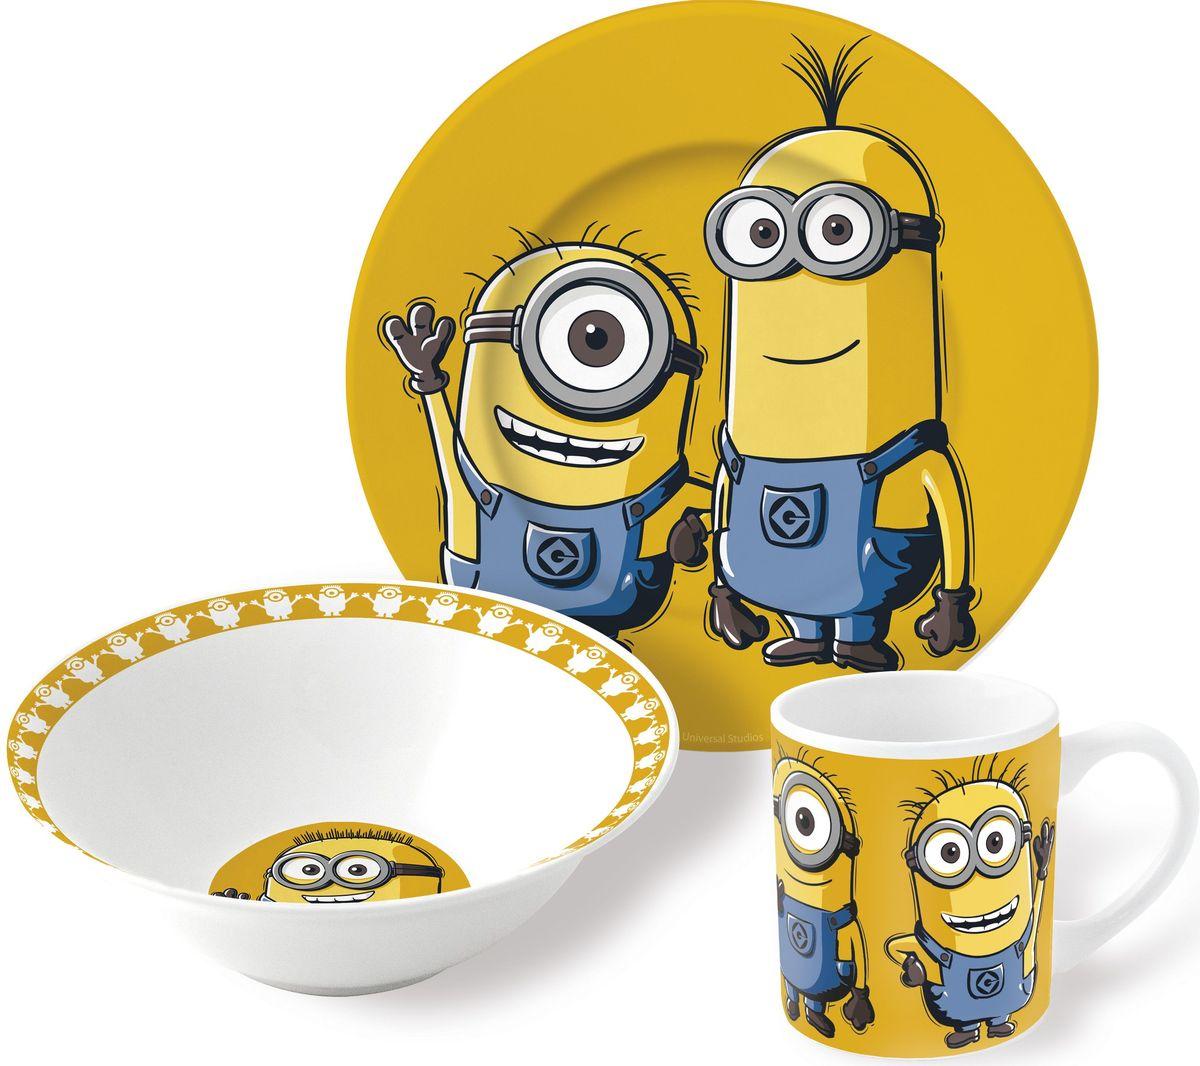 Stor Набор детской посуды Миньоны 3 предмета набор детской посуды маша и медведь фруктовая корзина 3 предмета